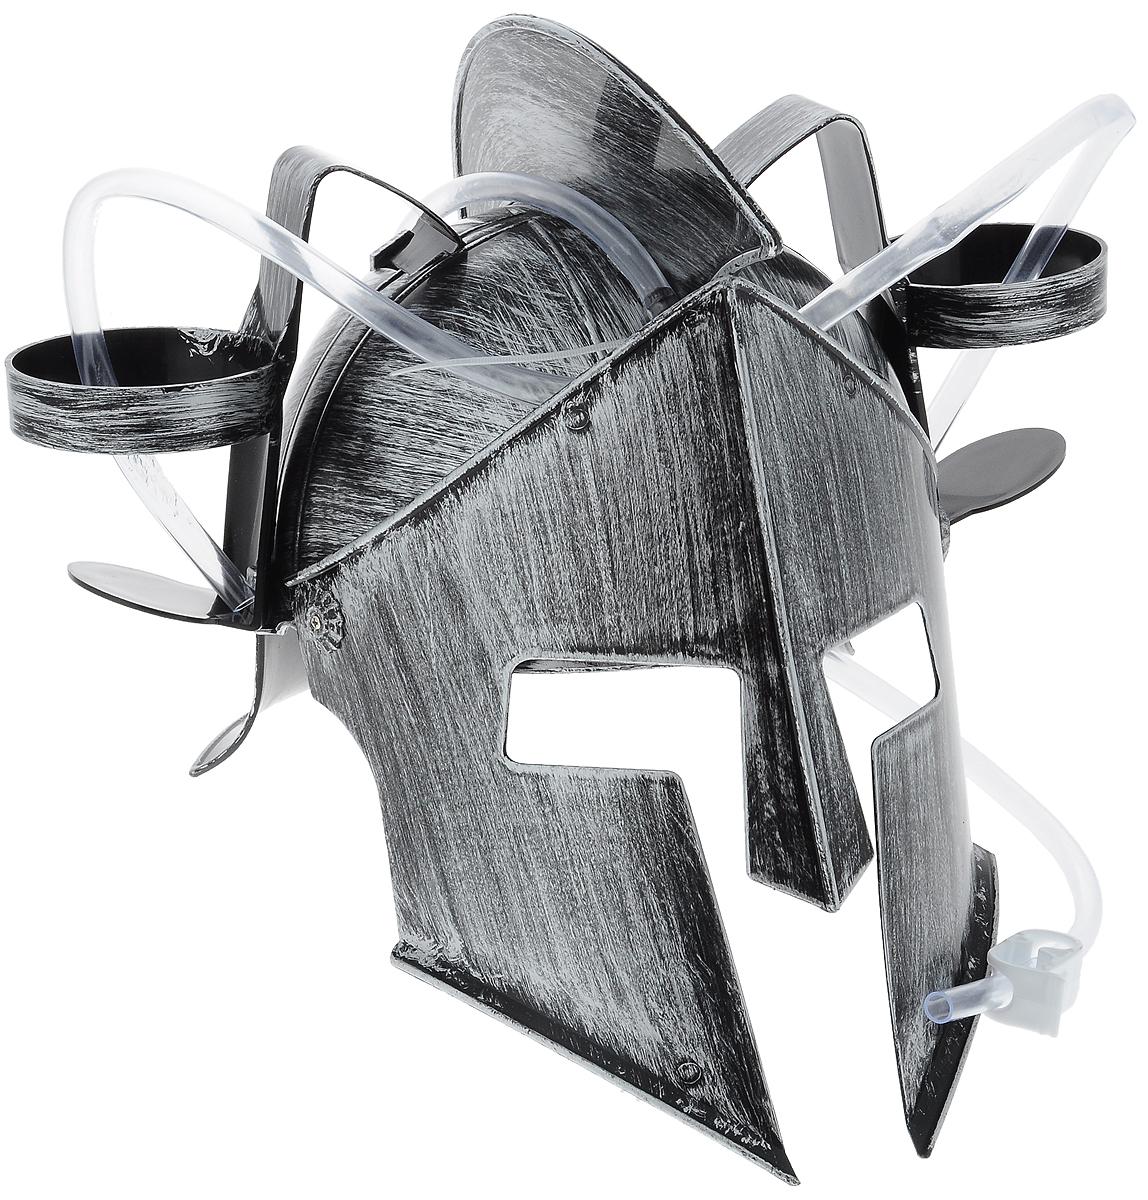 Каска Эврика Рыцарь, с подставками под банки96166Мужчина, умеющий оставаться настоящим рыцарем,даже выпивая, определенно заслуживает женскоговнимания! Чтобы совместить приятное с полезным, был придуман специальный шлем Эврика Рыцарь. Каскавыполнена из пластика и оснащена двумя держателямидля банок/бутылок и двумя соединительнымитрубочками, благодаря которым можно смешивать дваразличных напитка в виде коктейля.Такая каска станет отличным решением для карнавала,дружеской вечеринки или в качестве амуницииболельщика на стадионе Загрузи голову иосвободи руки!Рекомендуется использовать для употребленияполезных напитков.Диаметр подставки для банки: 7 см.